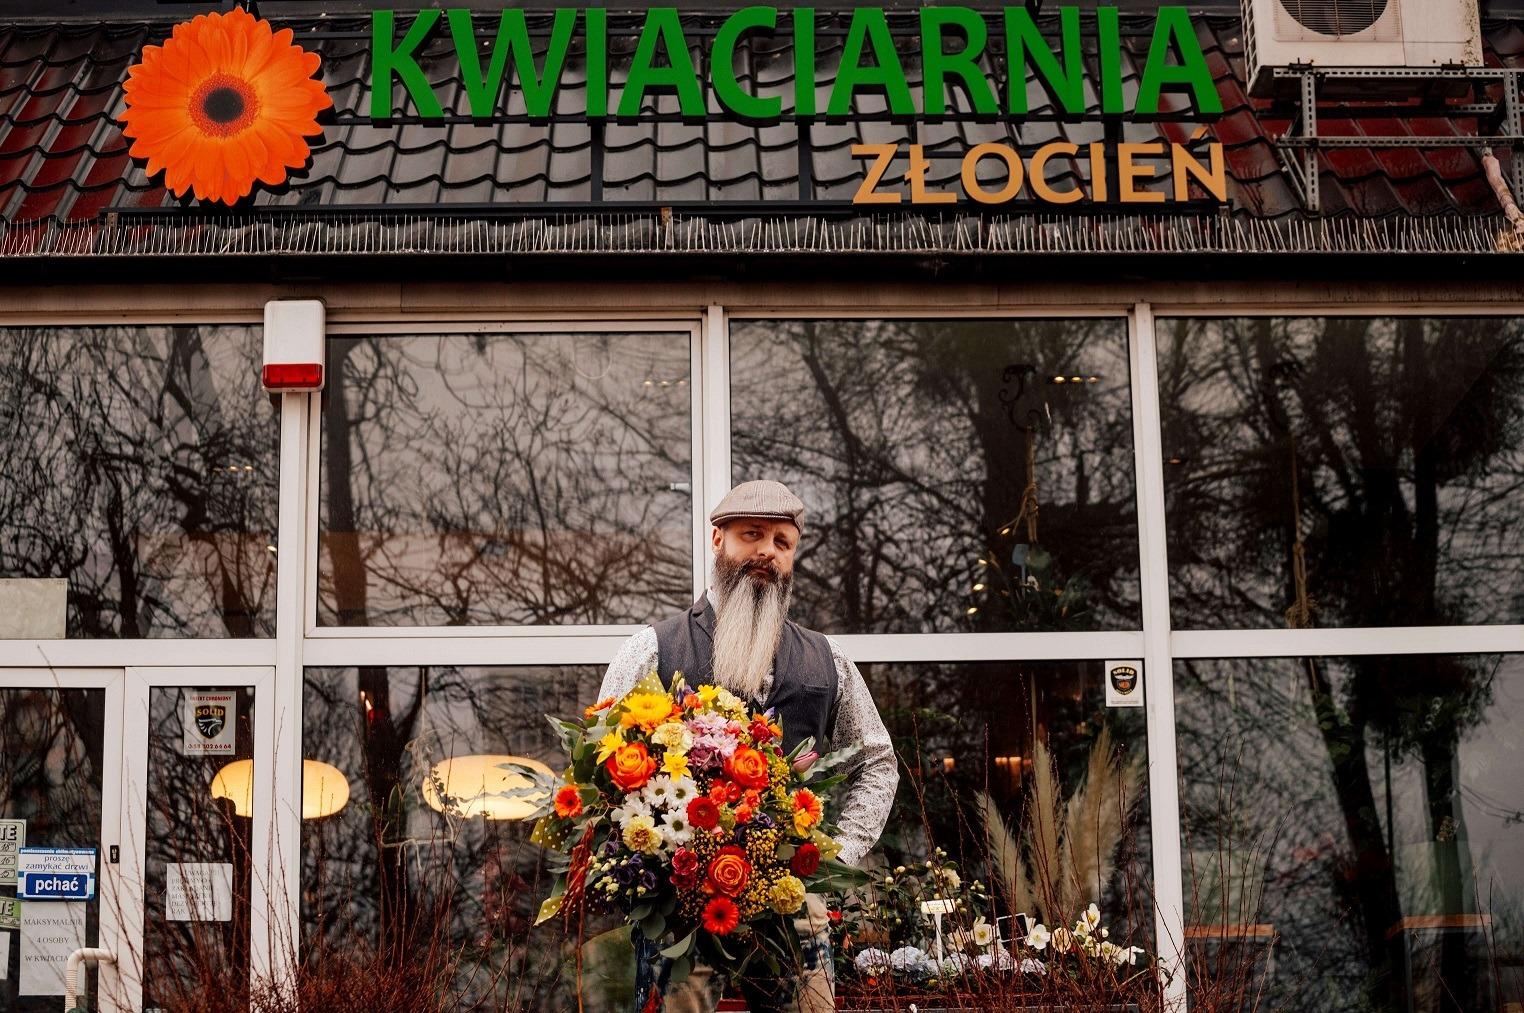 Zlocien2 Kwiaciarnia Gdansk - Dzień Kobiet. Gdzie kupimy piękne bukiety?